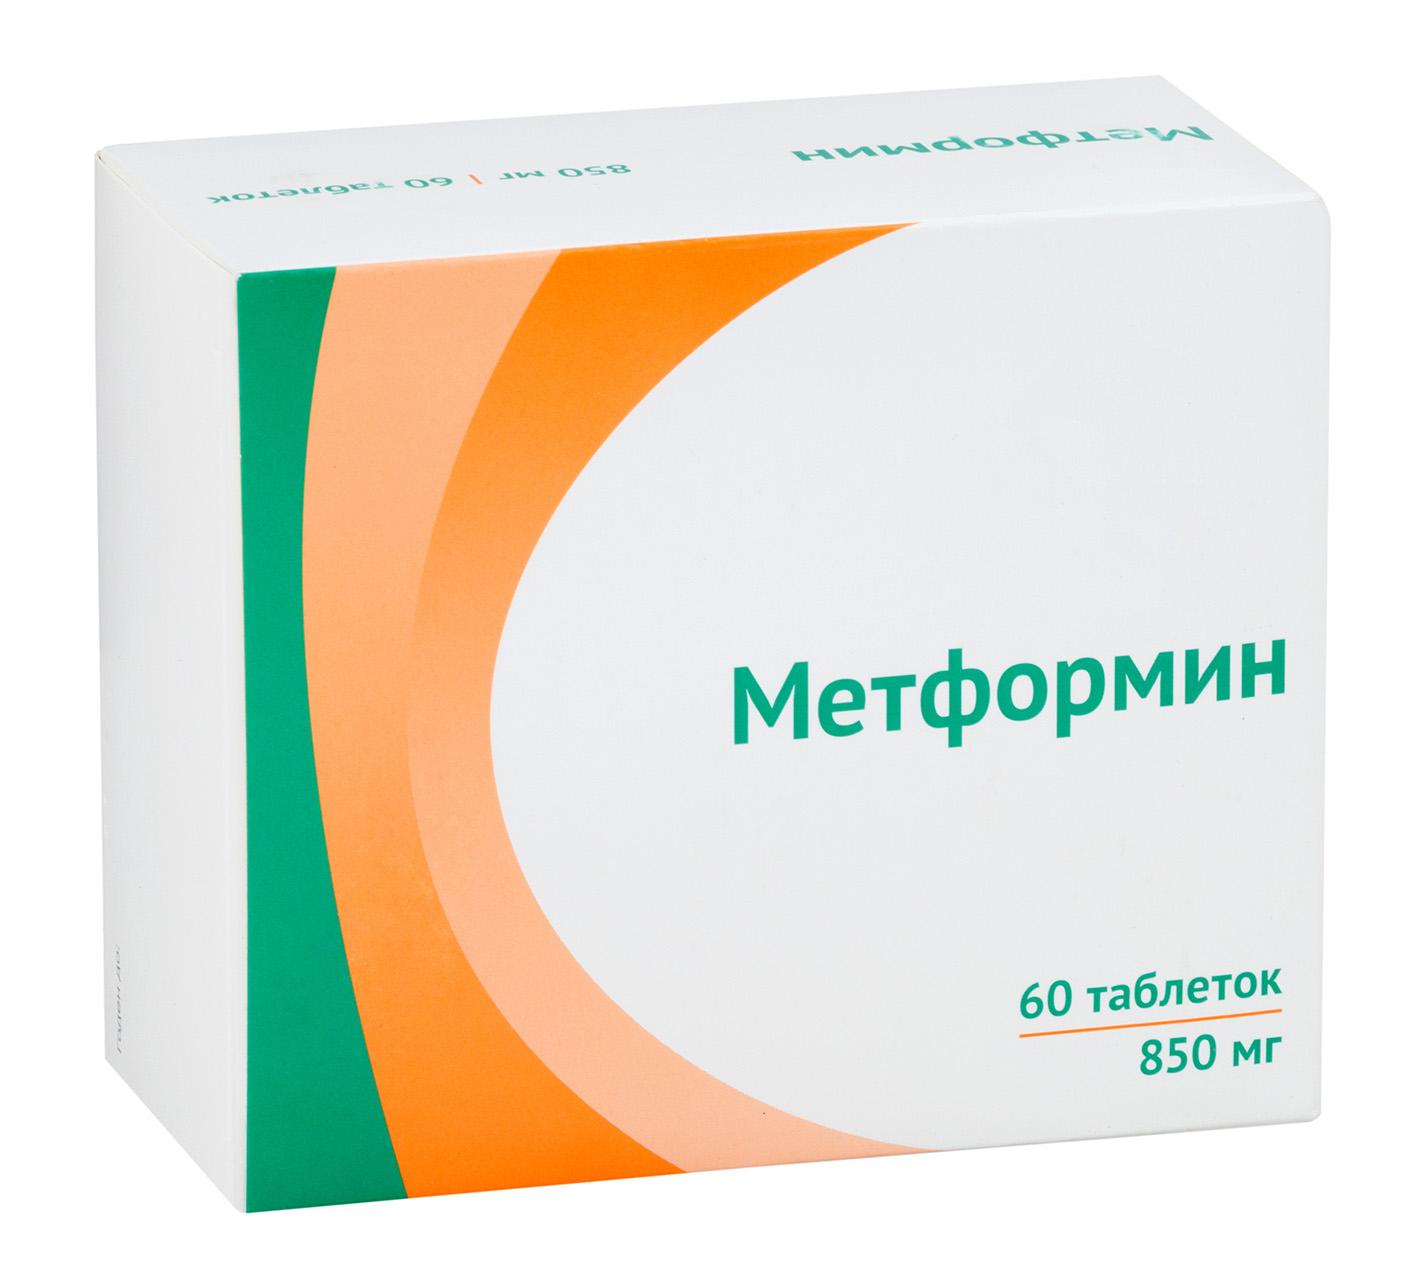 Метформин таб. 850 мг № 60 (банка)